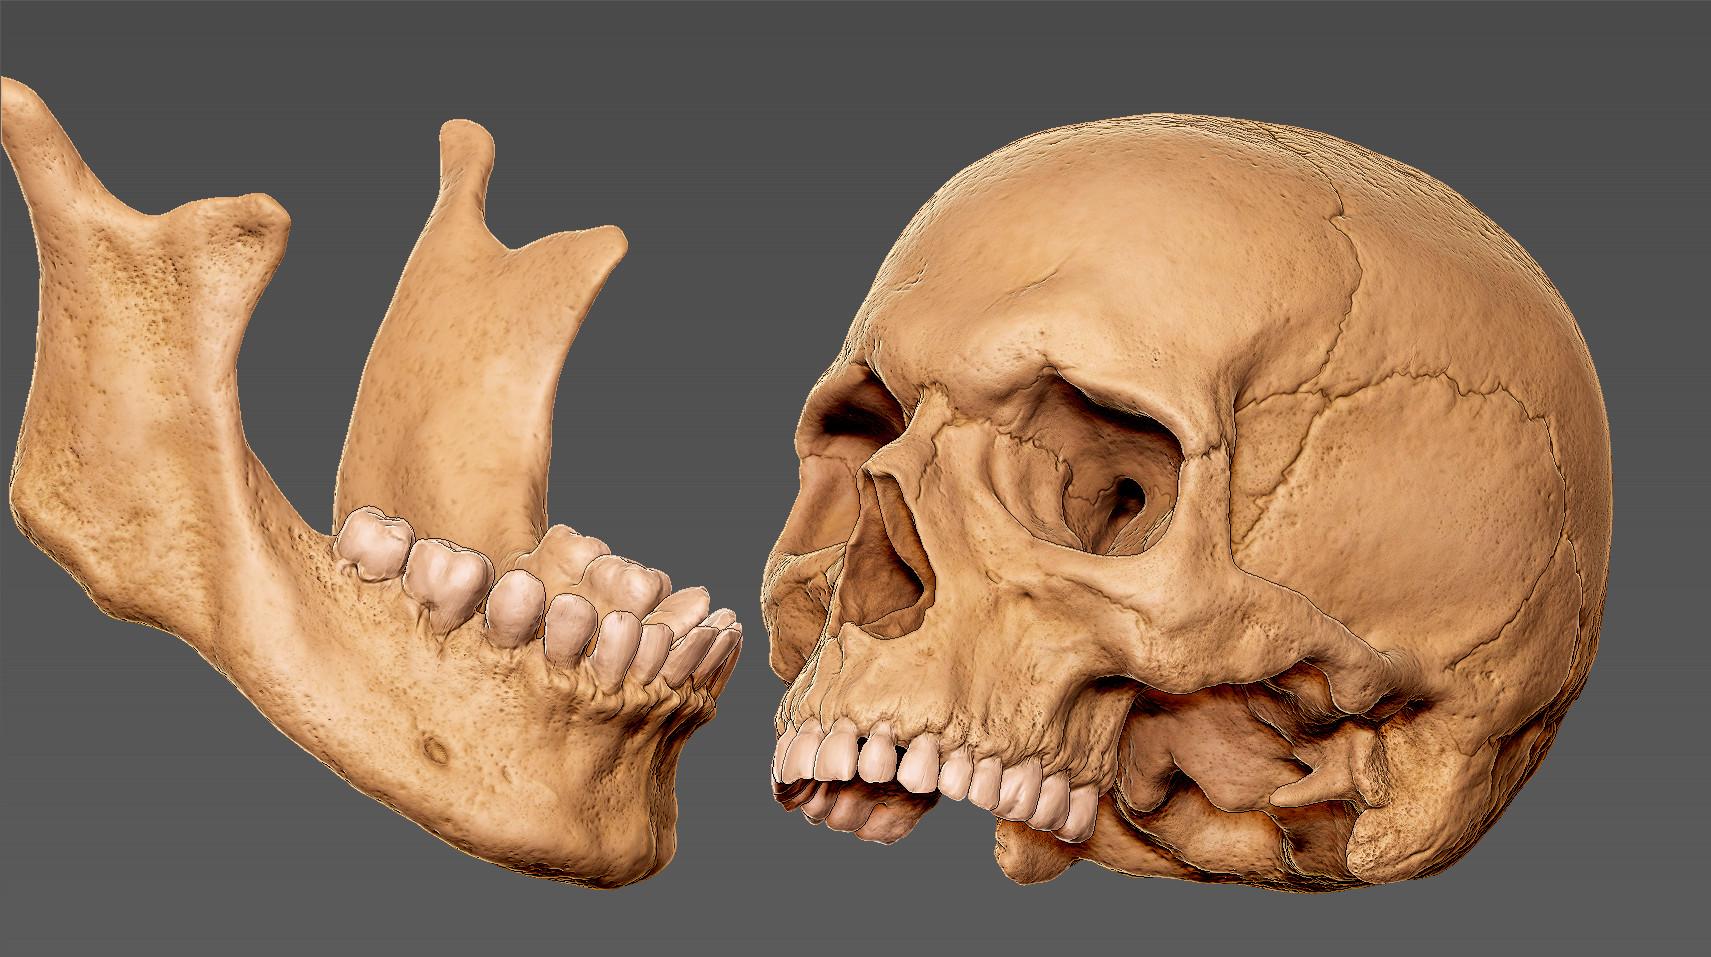 Andrey gritsuk skull 4